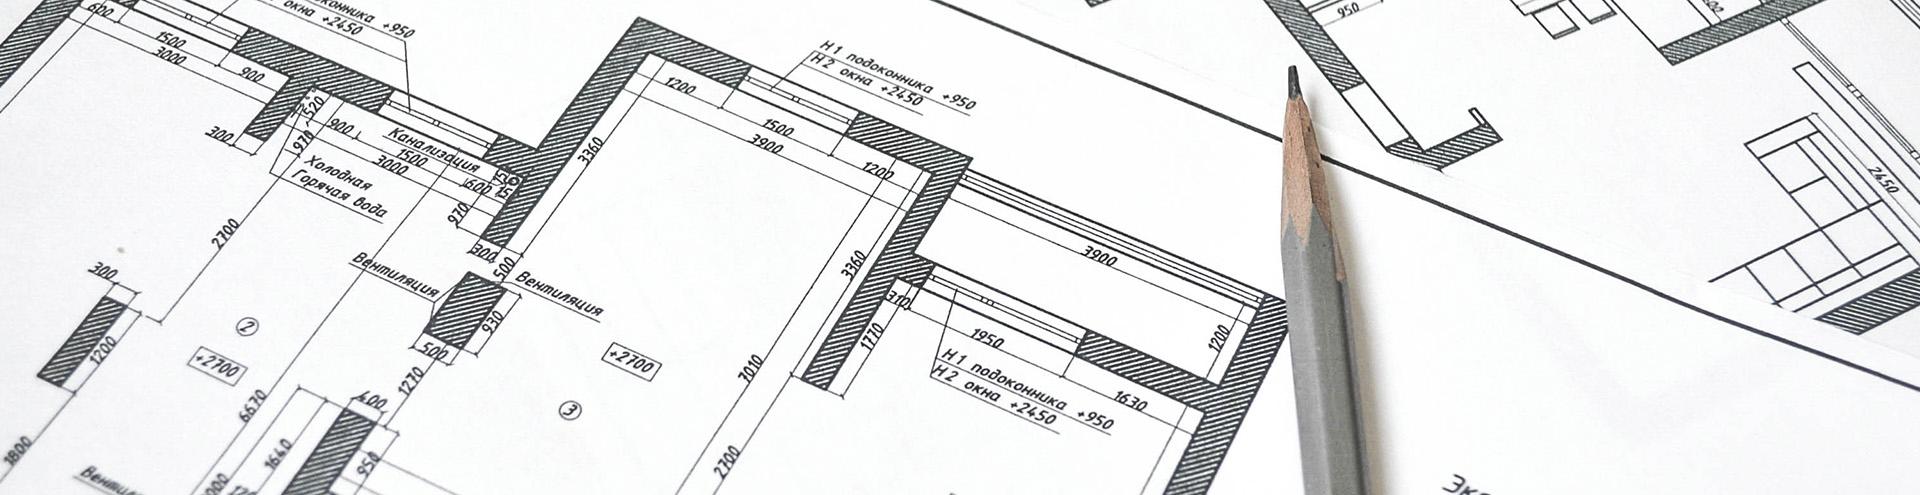 согласование перепланировки нежилого помещения в Калуге